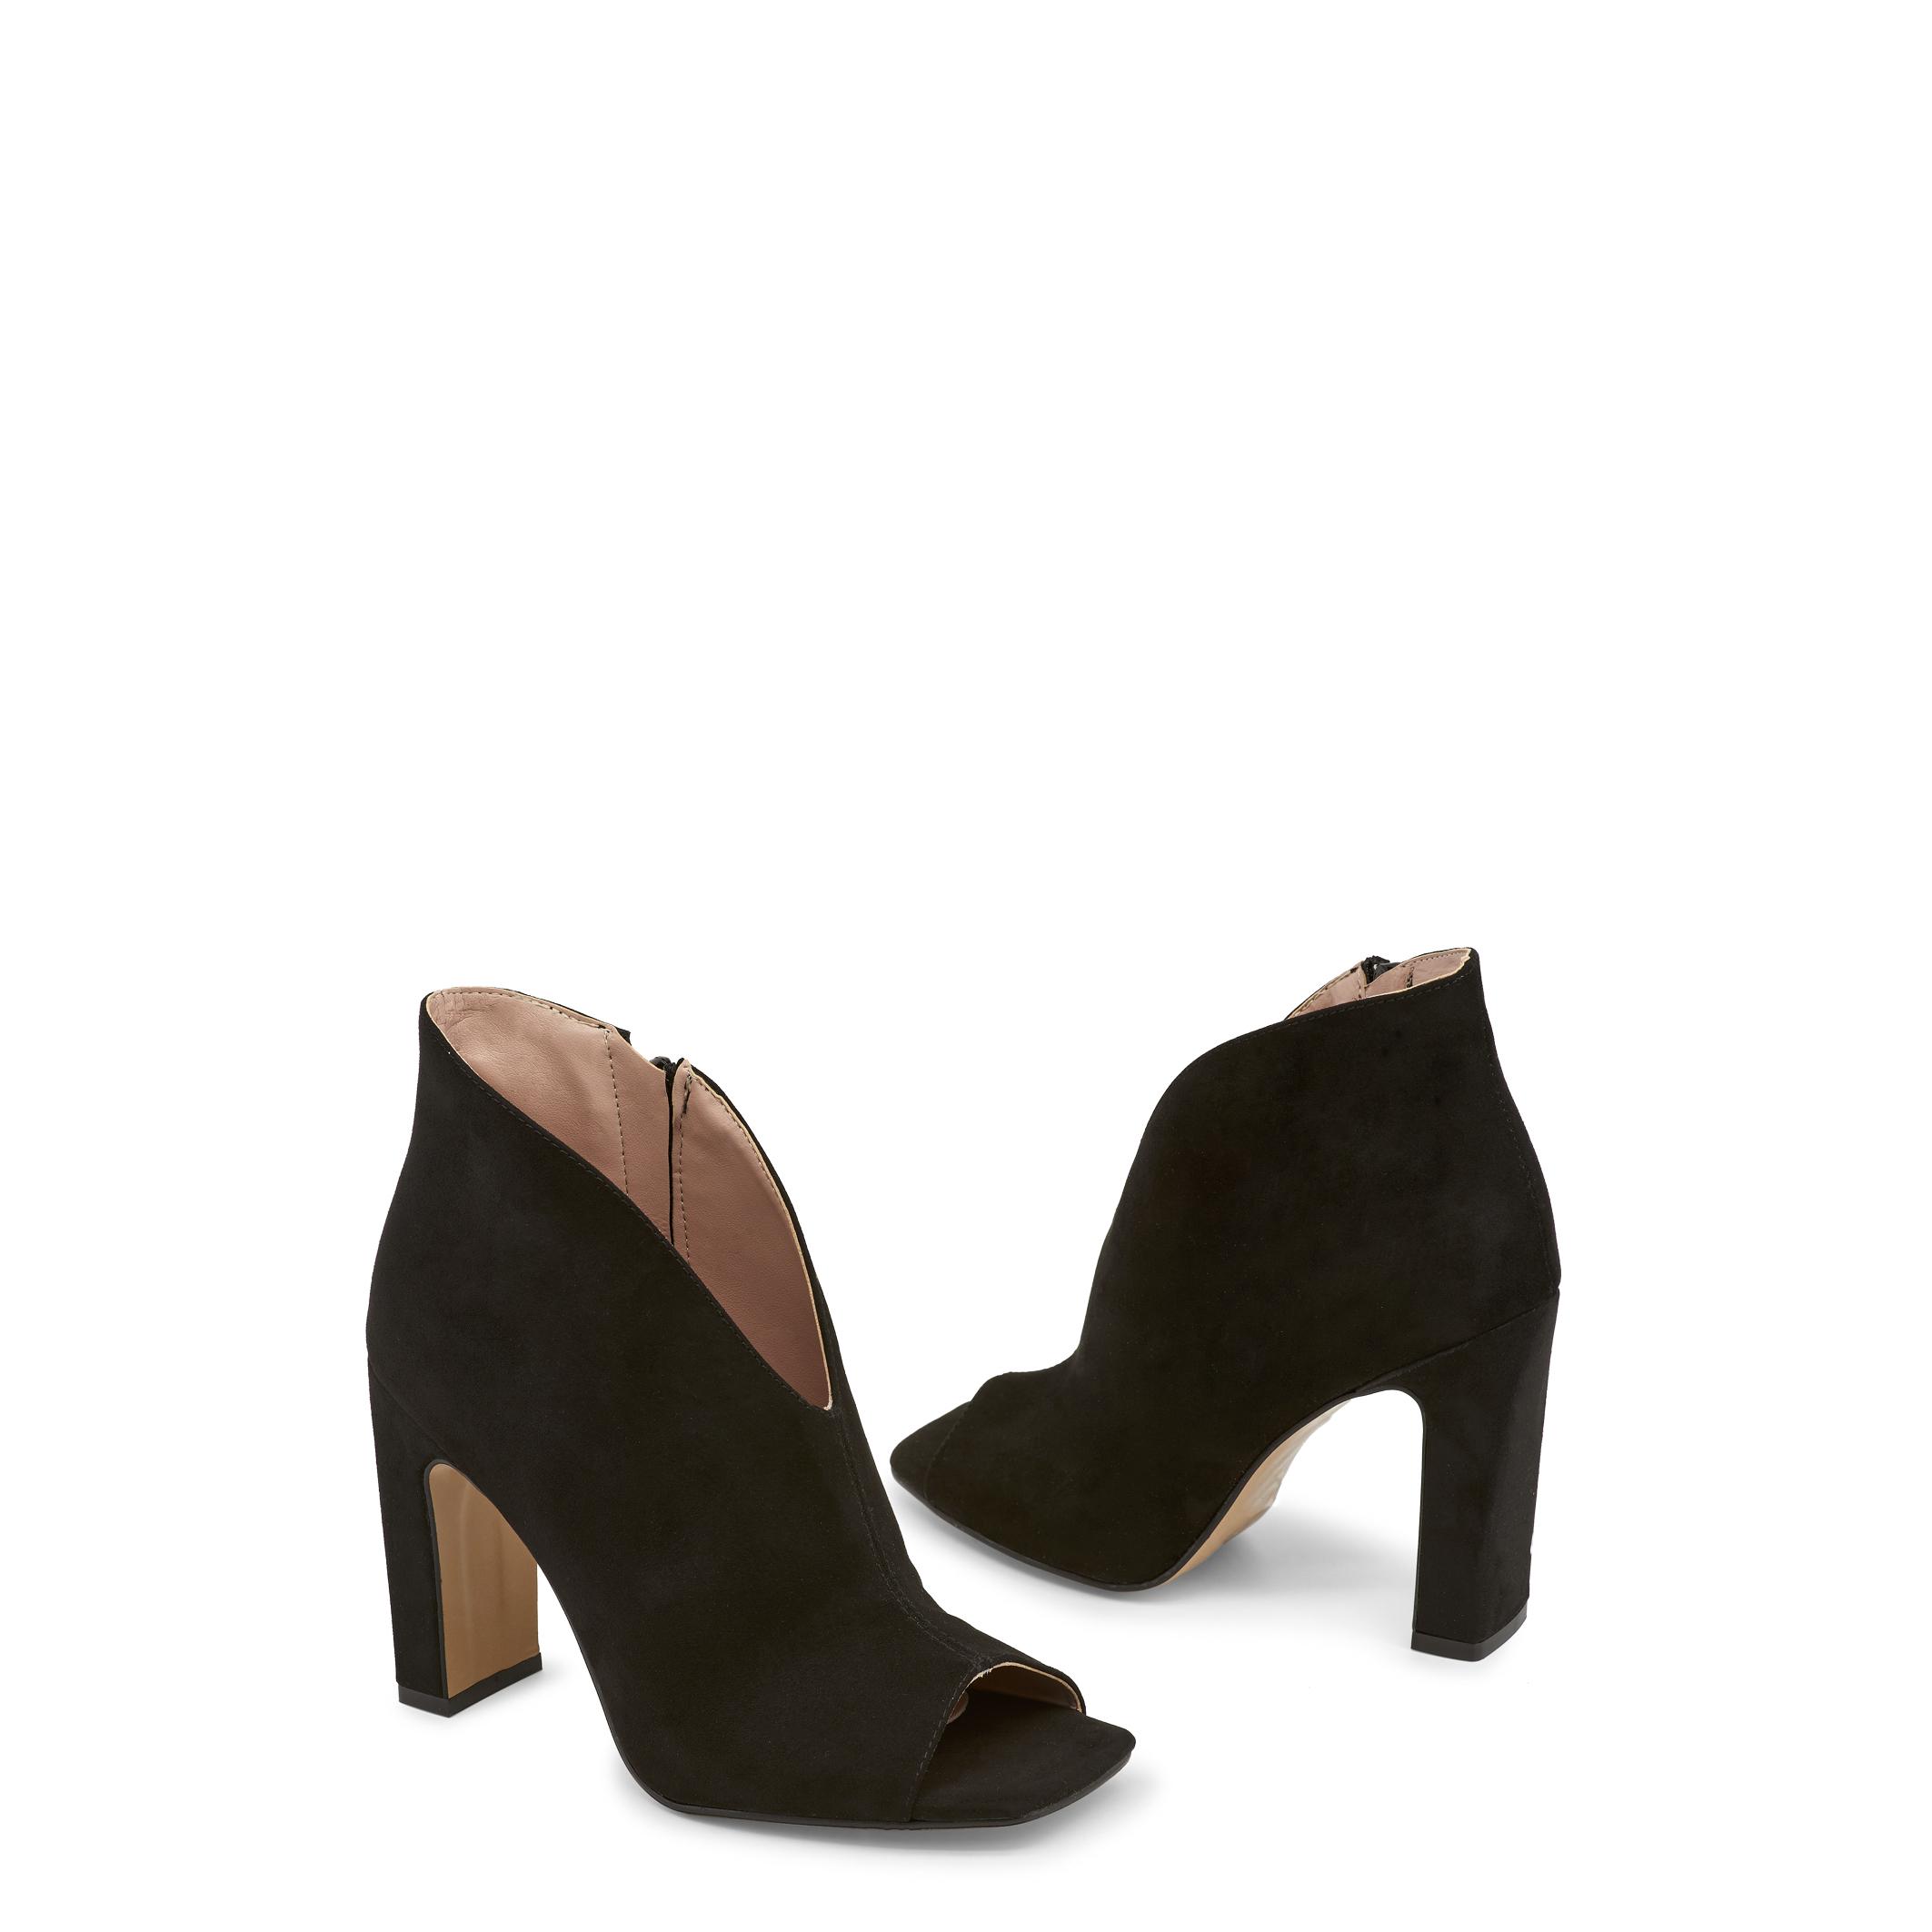 Zapatos-Paris-Hilton-Mujer-1514-Sandalias-Rosa-Rojo-Negro-cuna-tacon